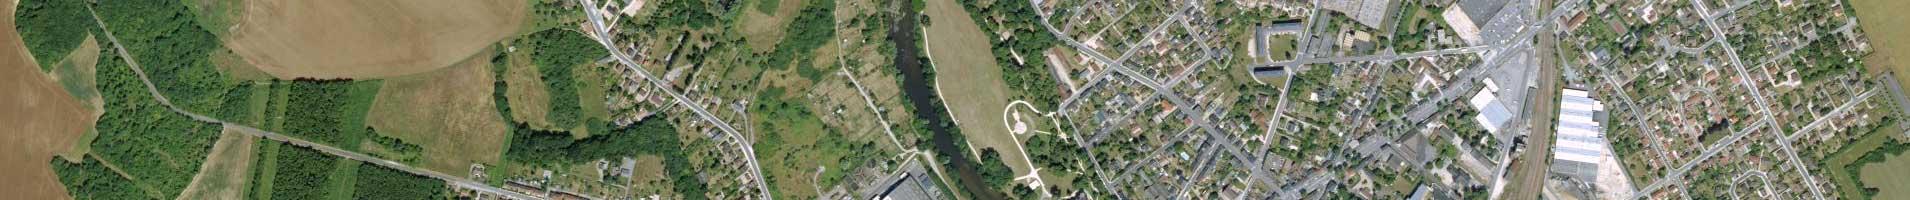 Photo aérienne IGN 4e niveau d'agrandissement